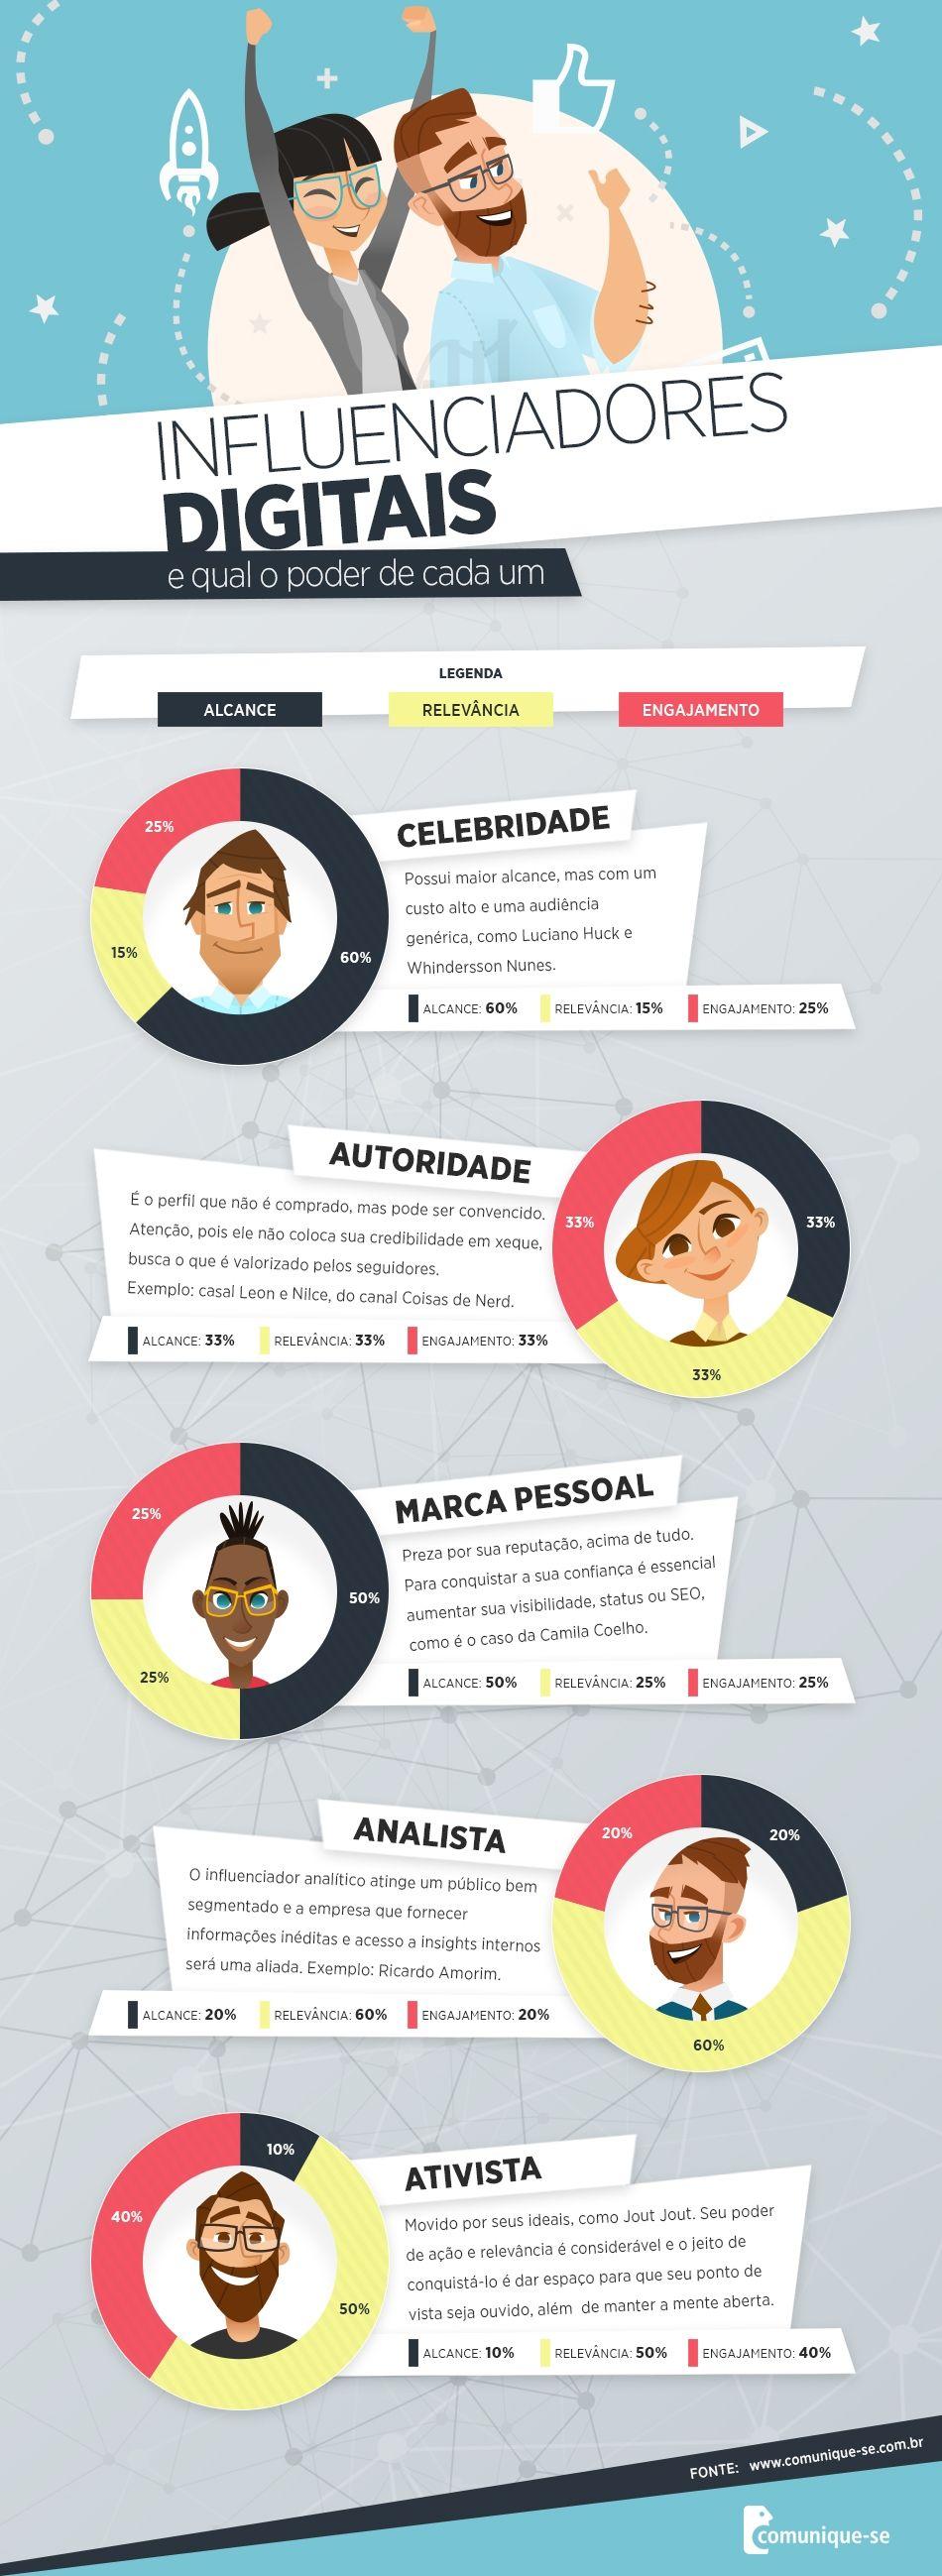 Os 5 tipos de influenciadores digitais